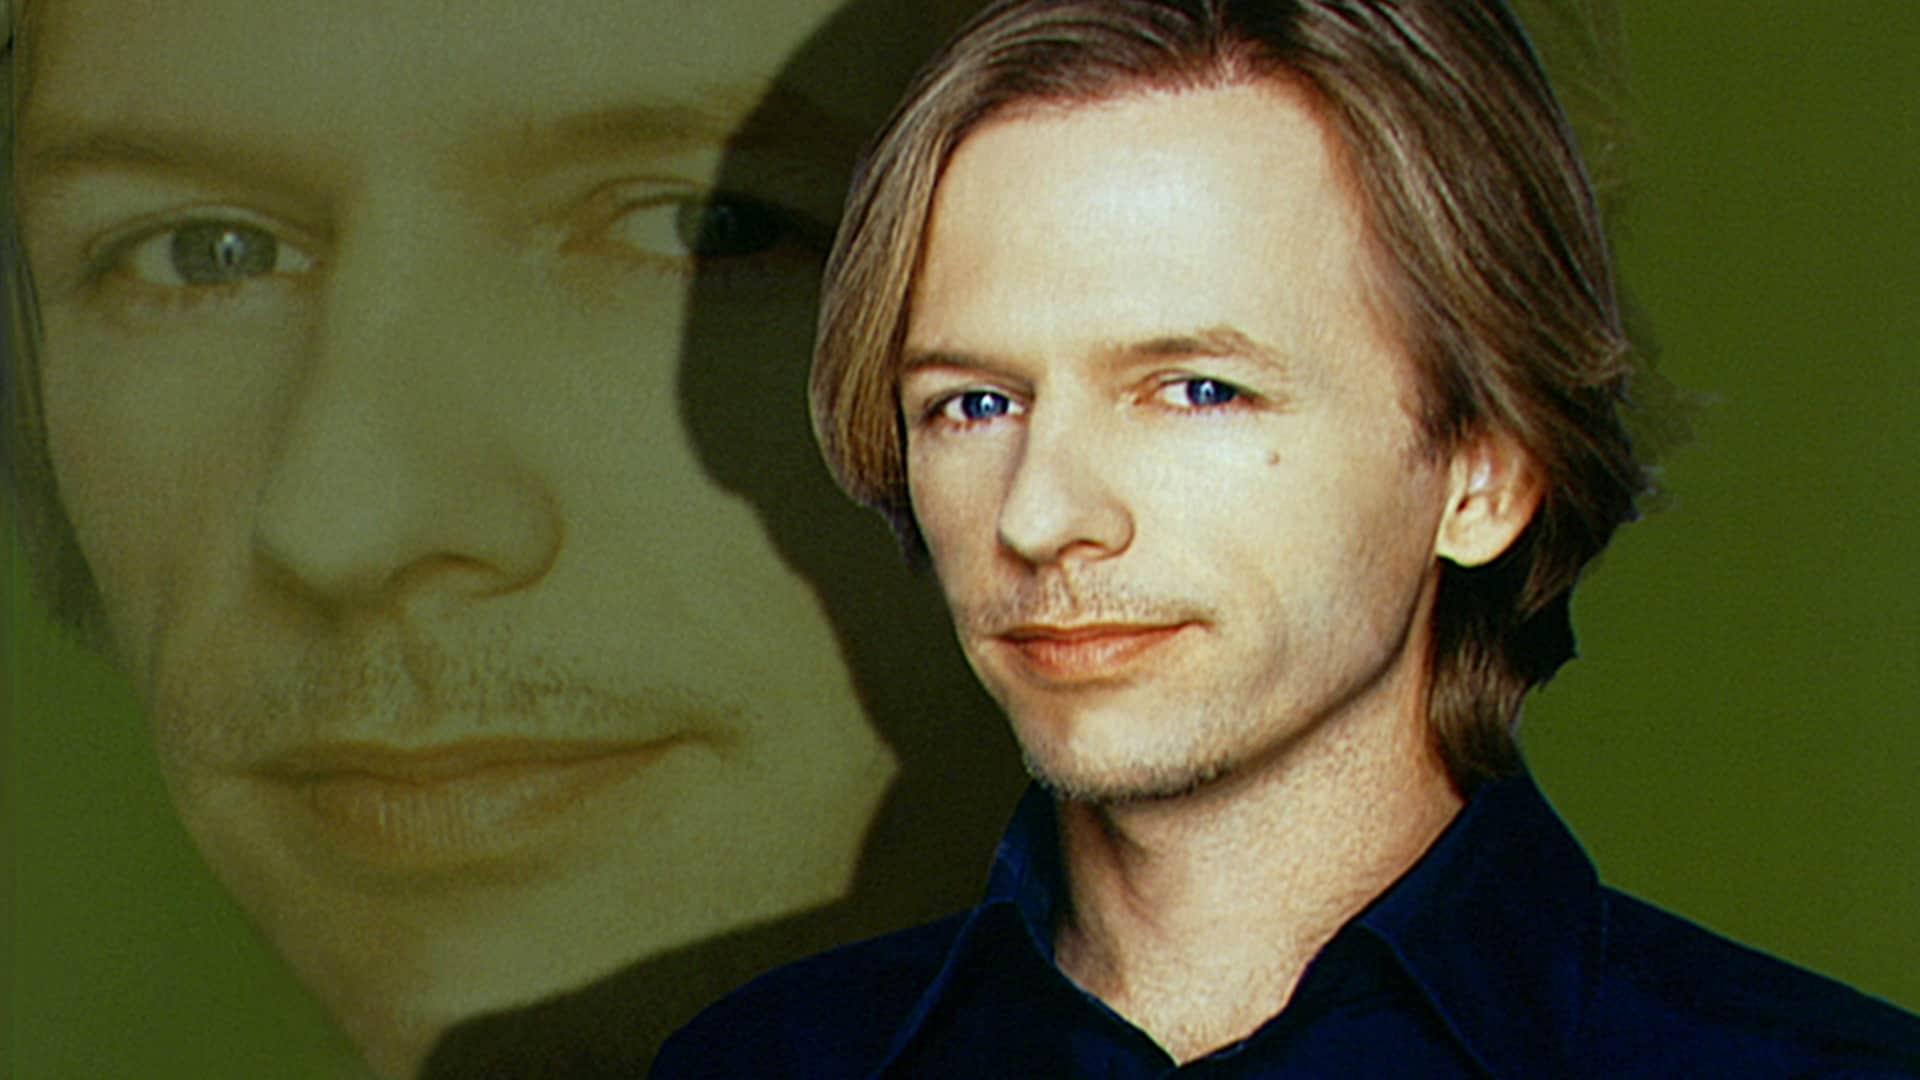 David Spade: November 7, 1998